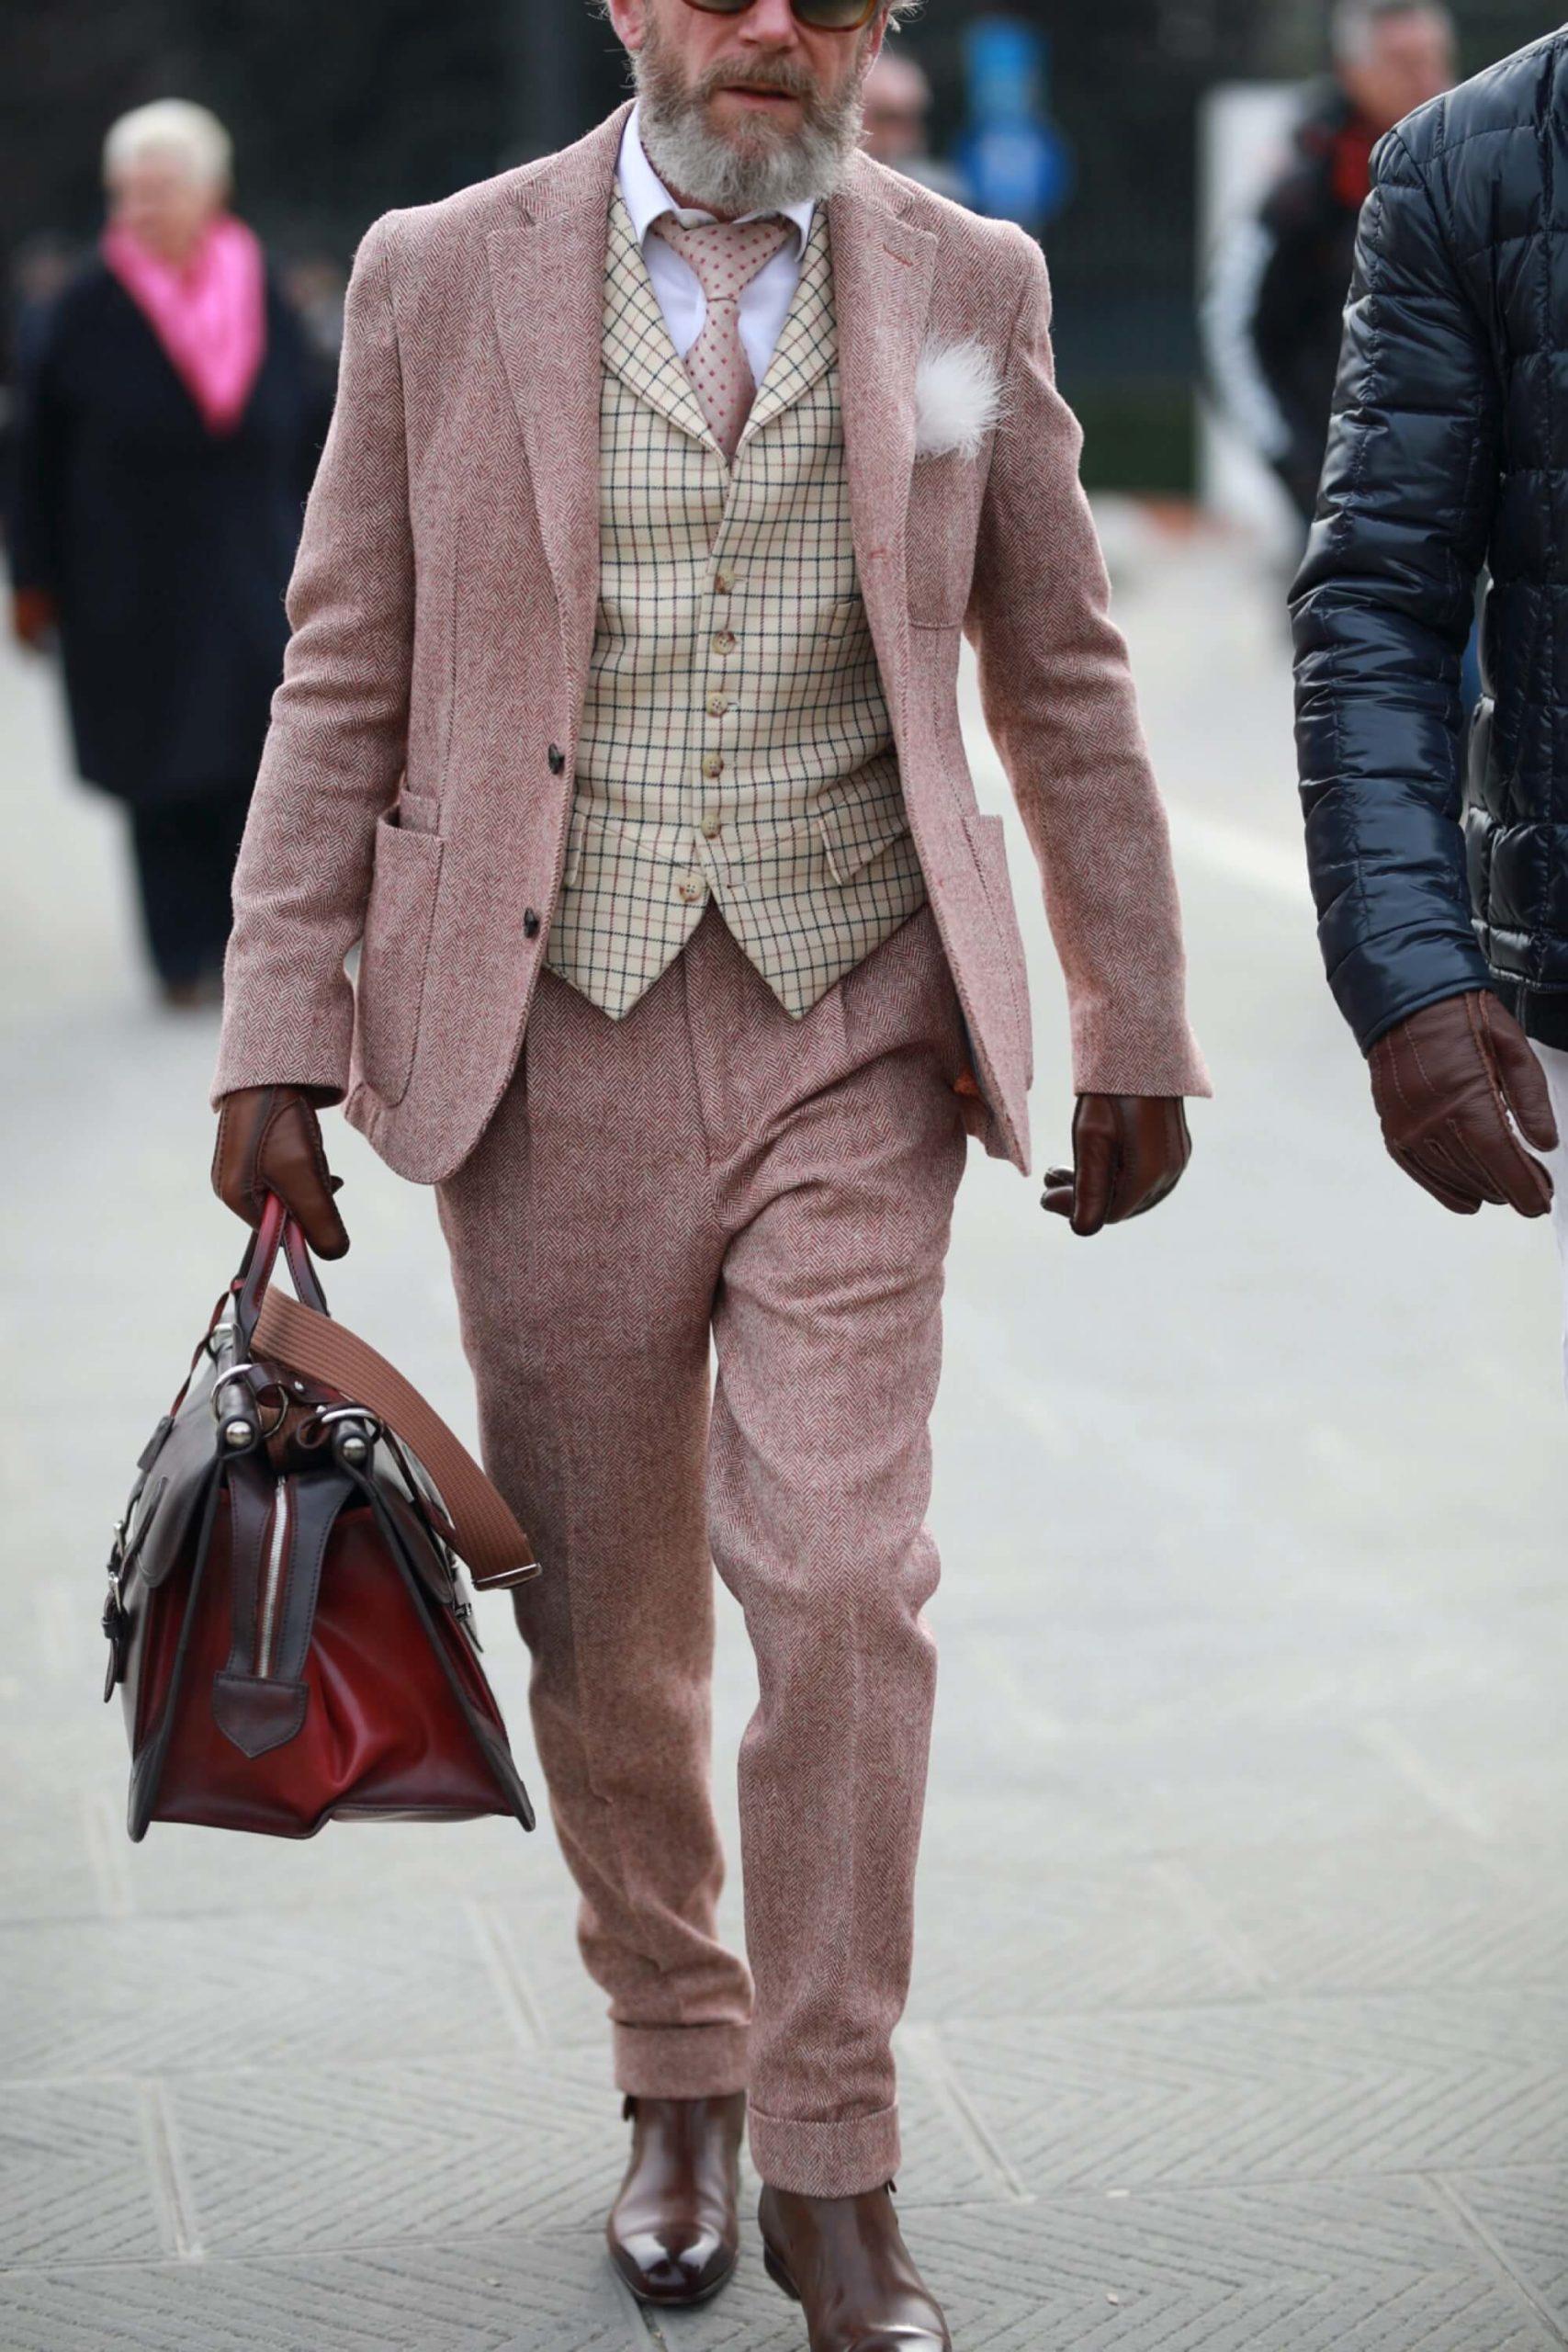 mężczyzna w trzyczęściowym garniturze